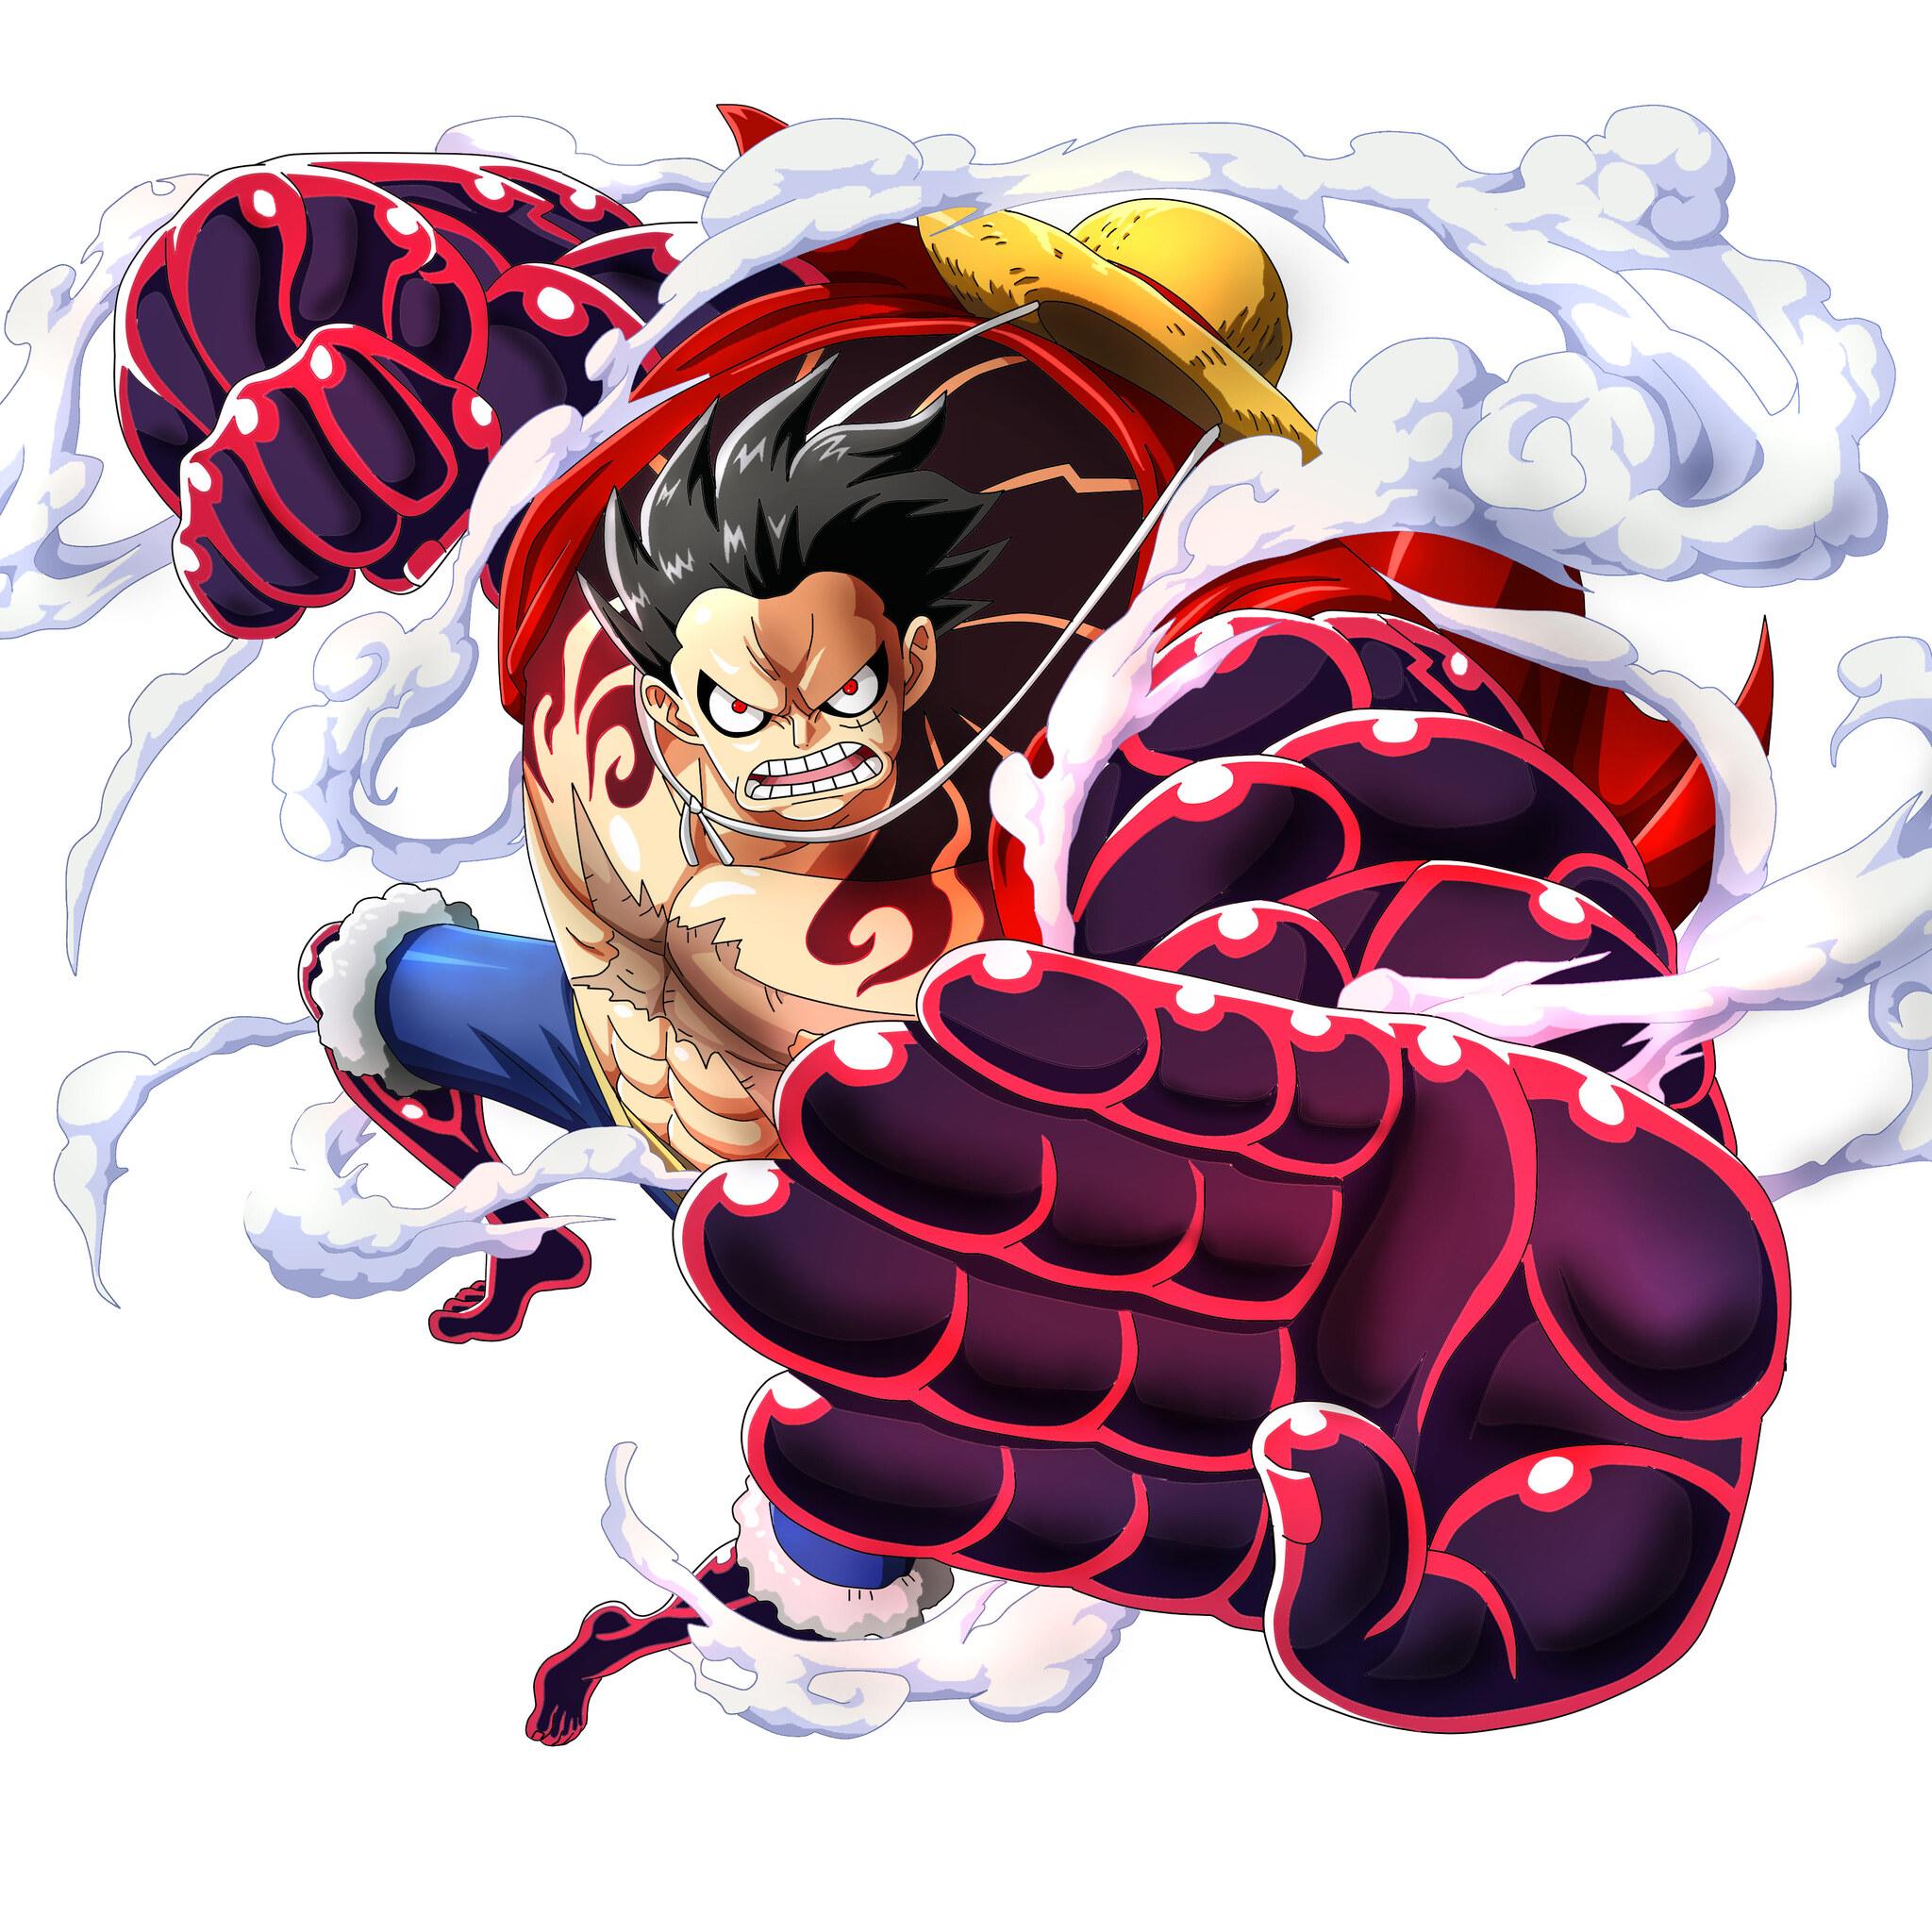 2048x2048 Monkey D Luffy One Piece Ipad Air HD 4k